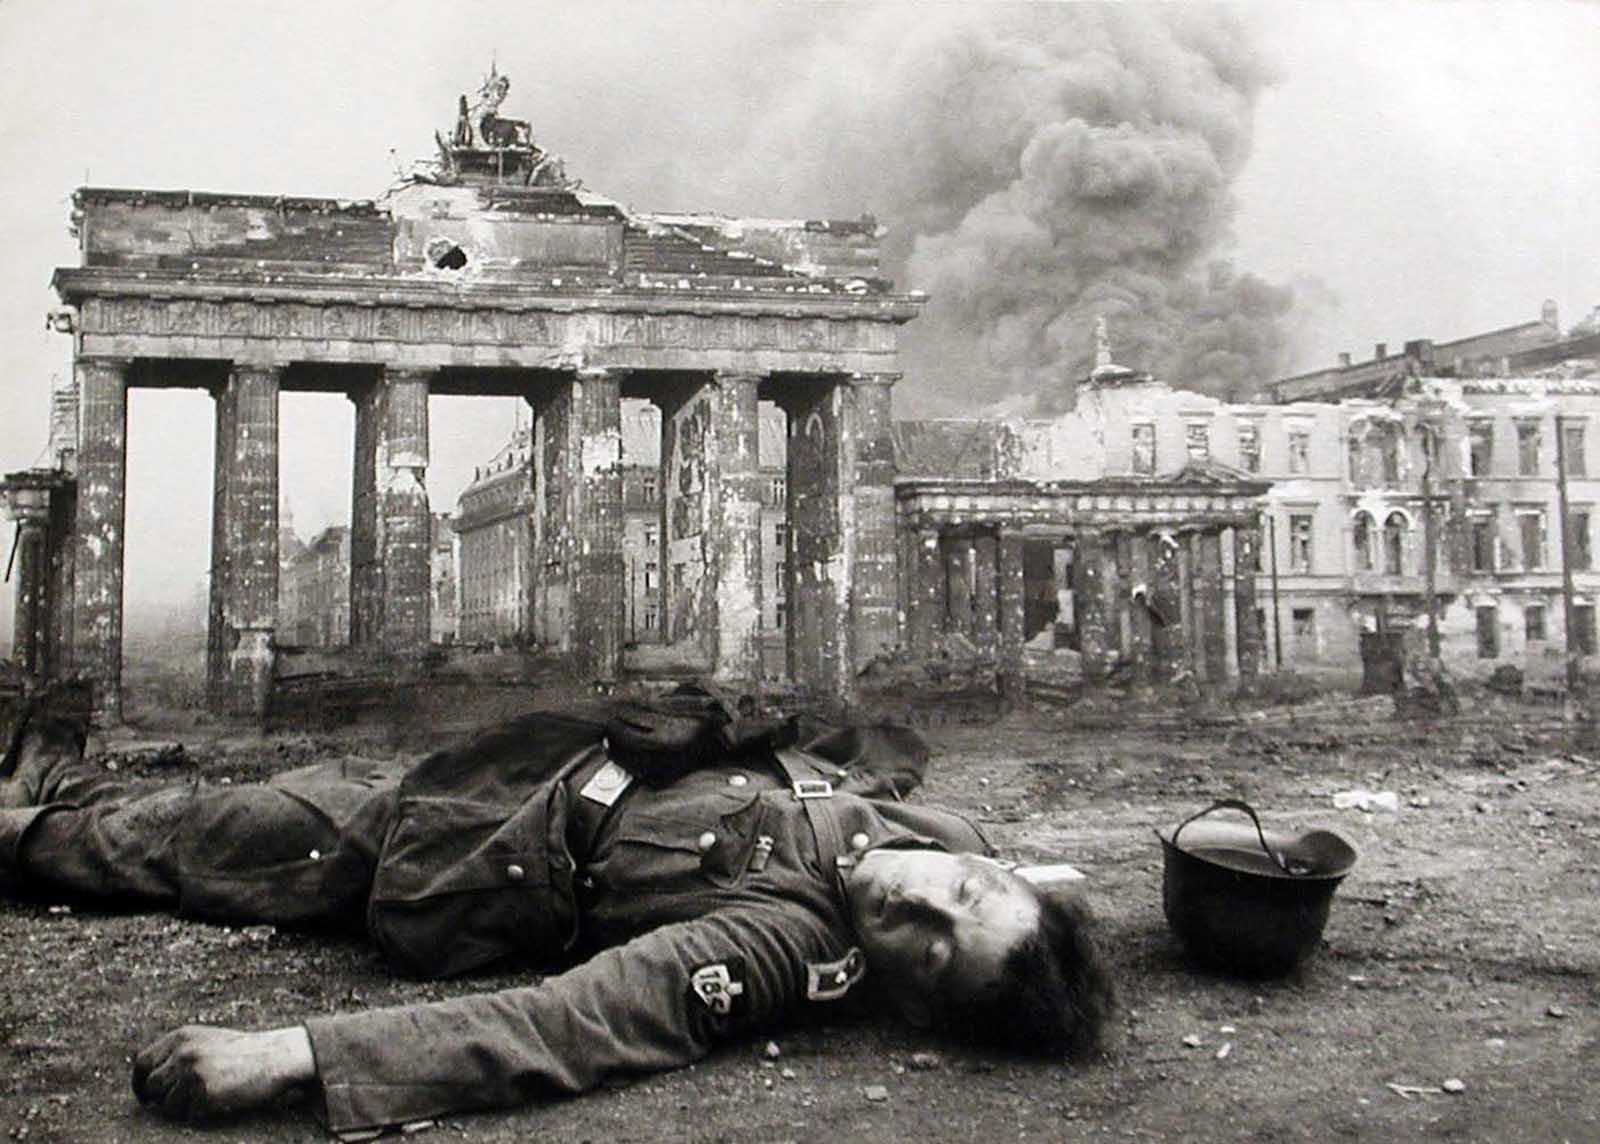 Το ηθικό χρέος της Γερμανίας προς την Ευρώπη – Μια αναδρομή στο πρόσφατο παρελθόν